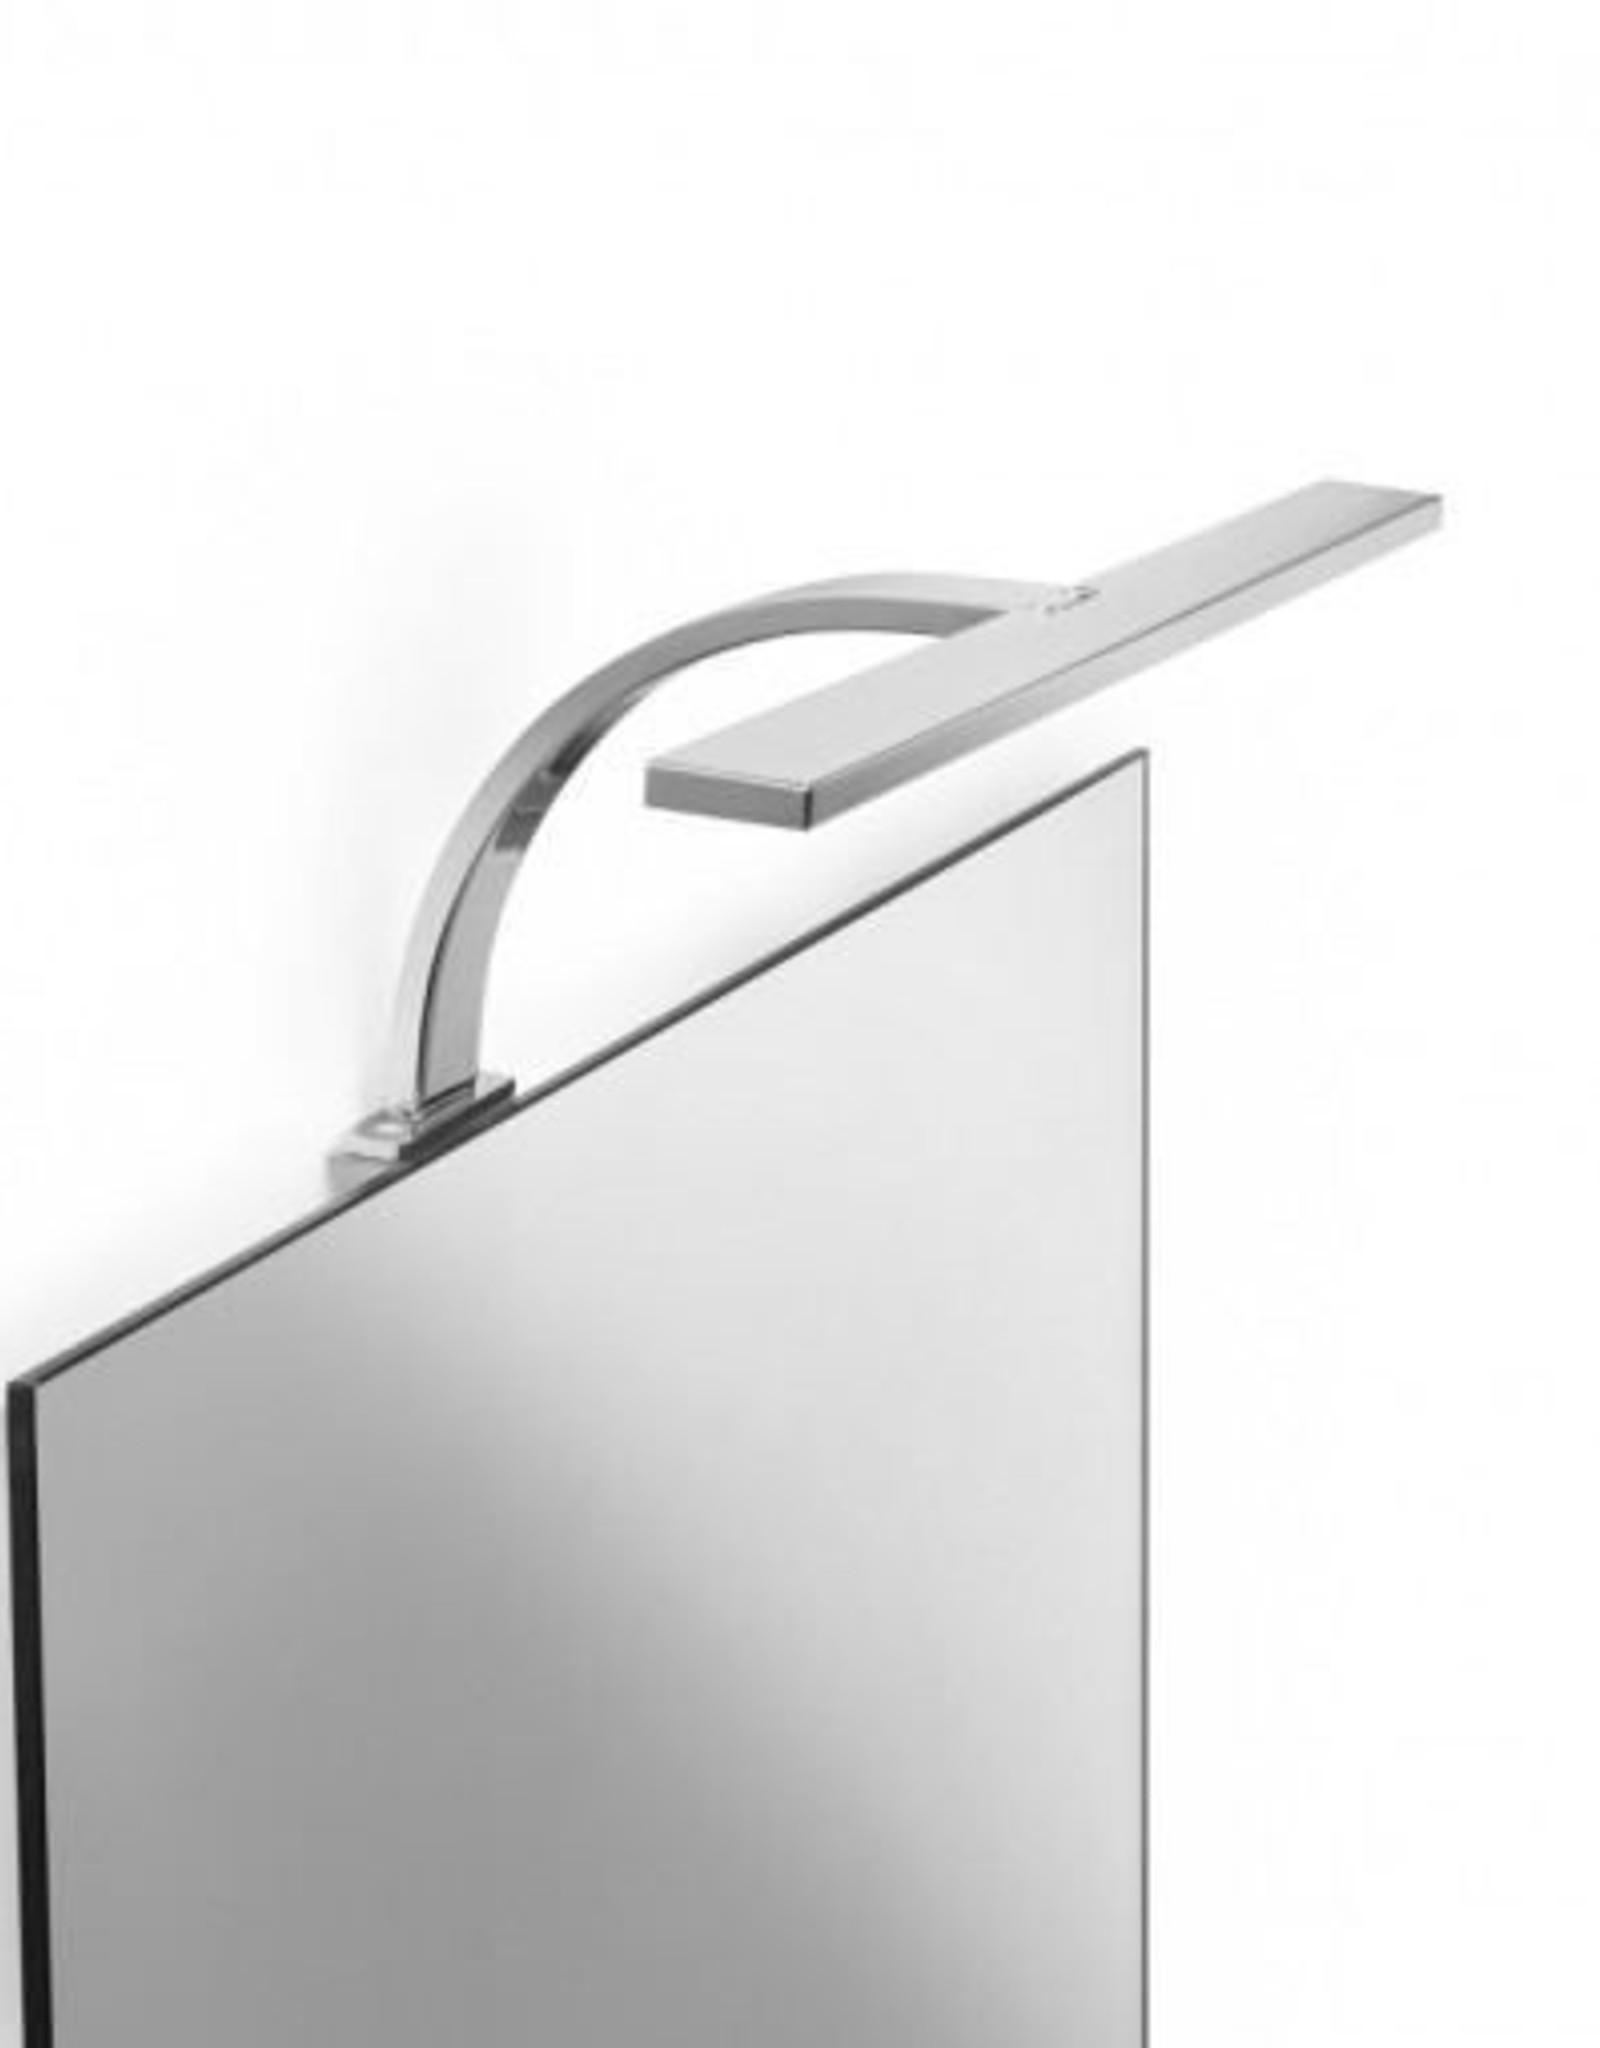 Ciari spiegellamp met LED-verlichting 6W - uitverkoop